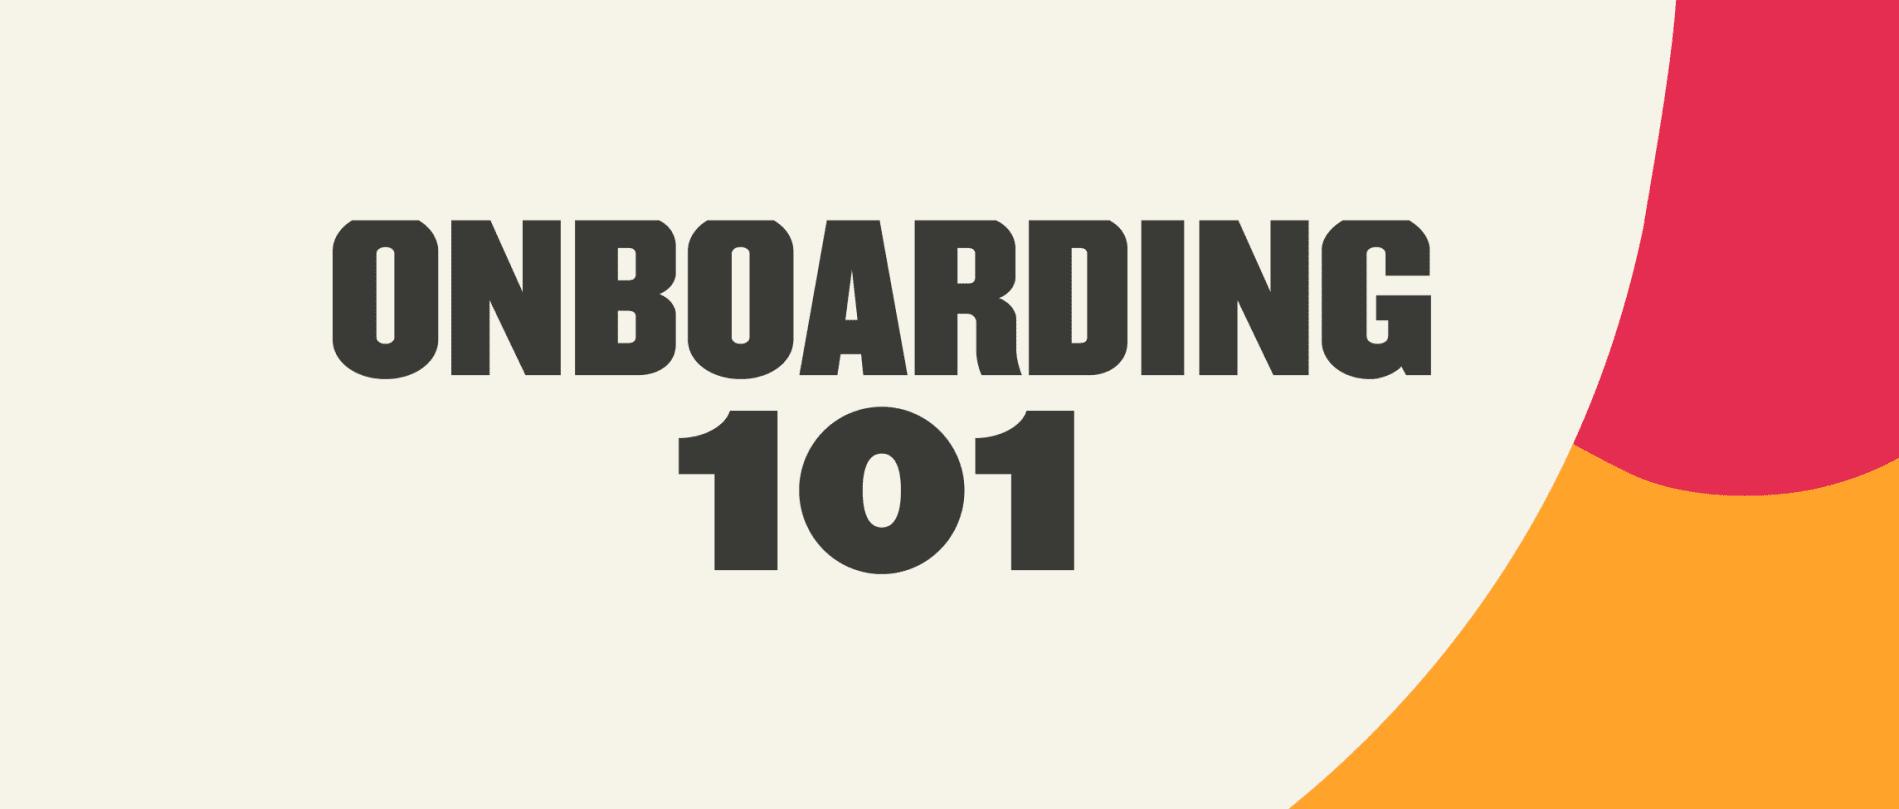 Onboarding best practices